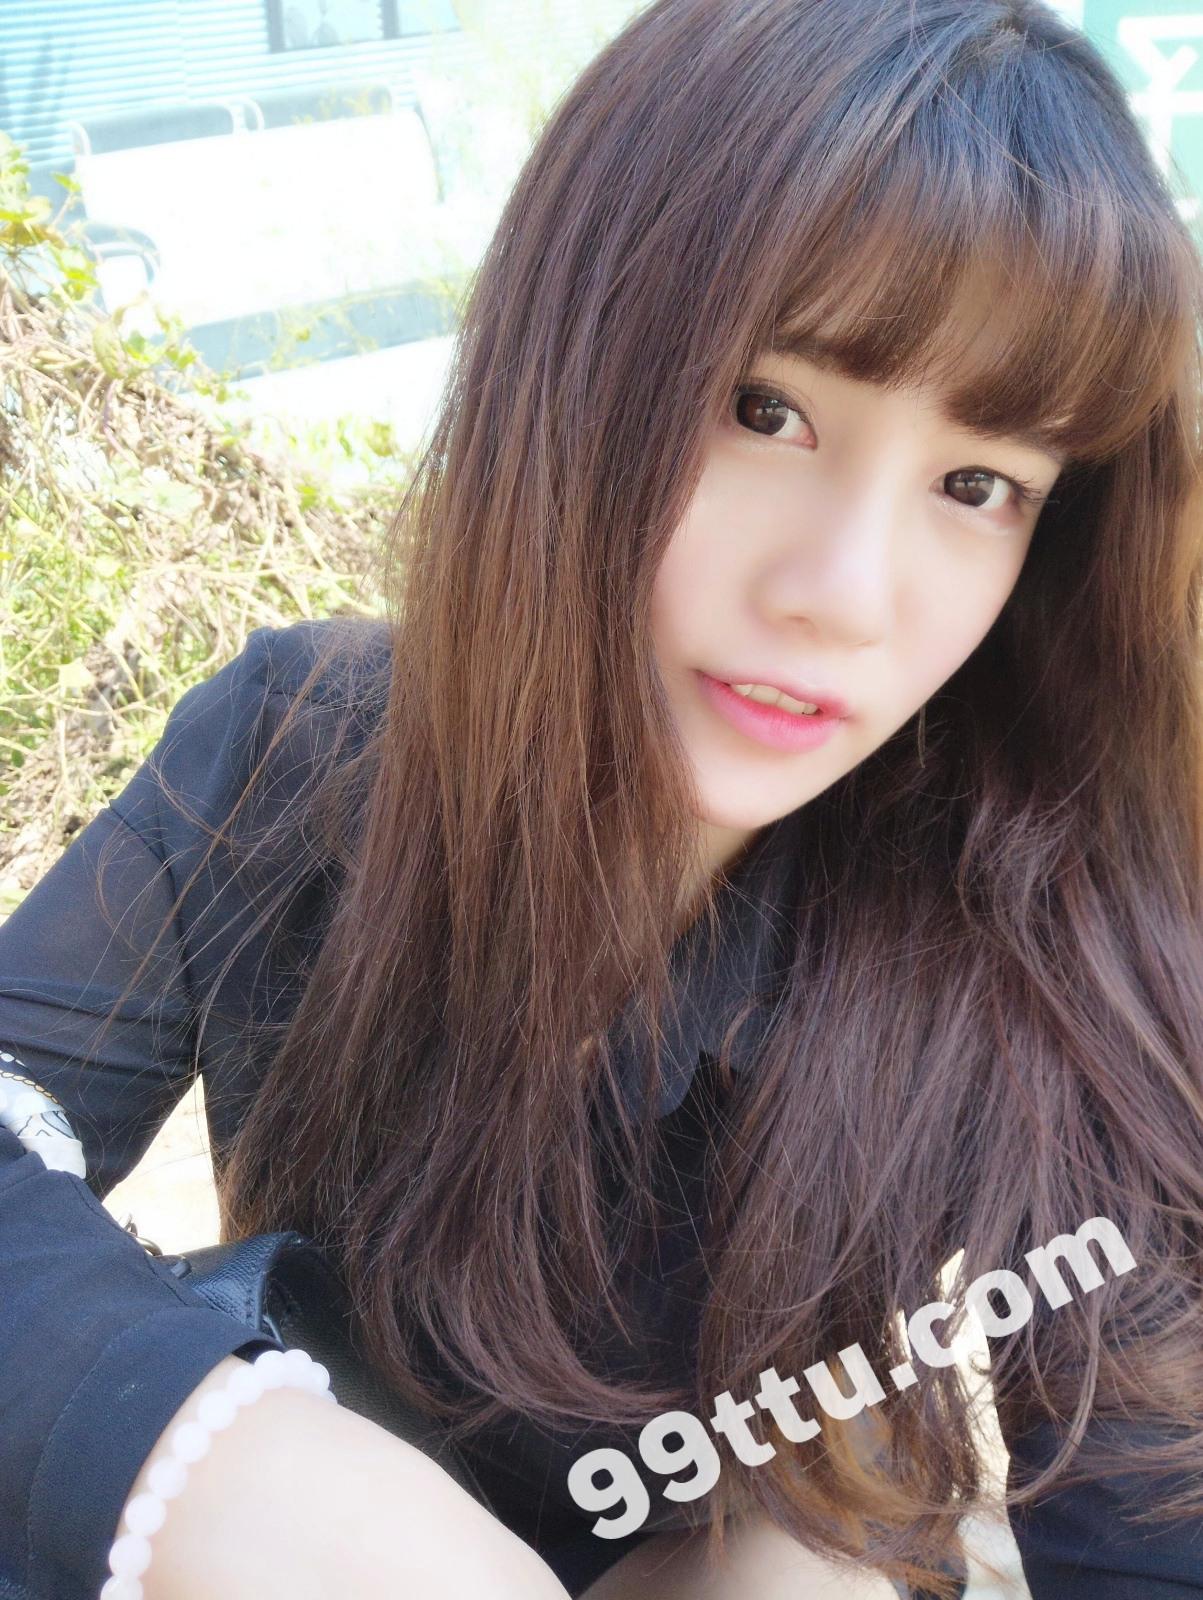 KK90_1390图+6视频 美女靓丽青春素材生活照-9